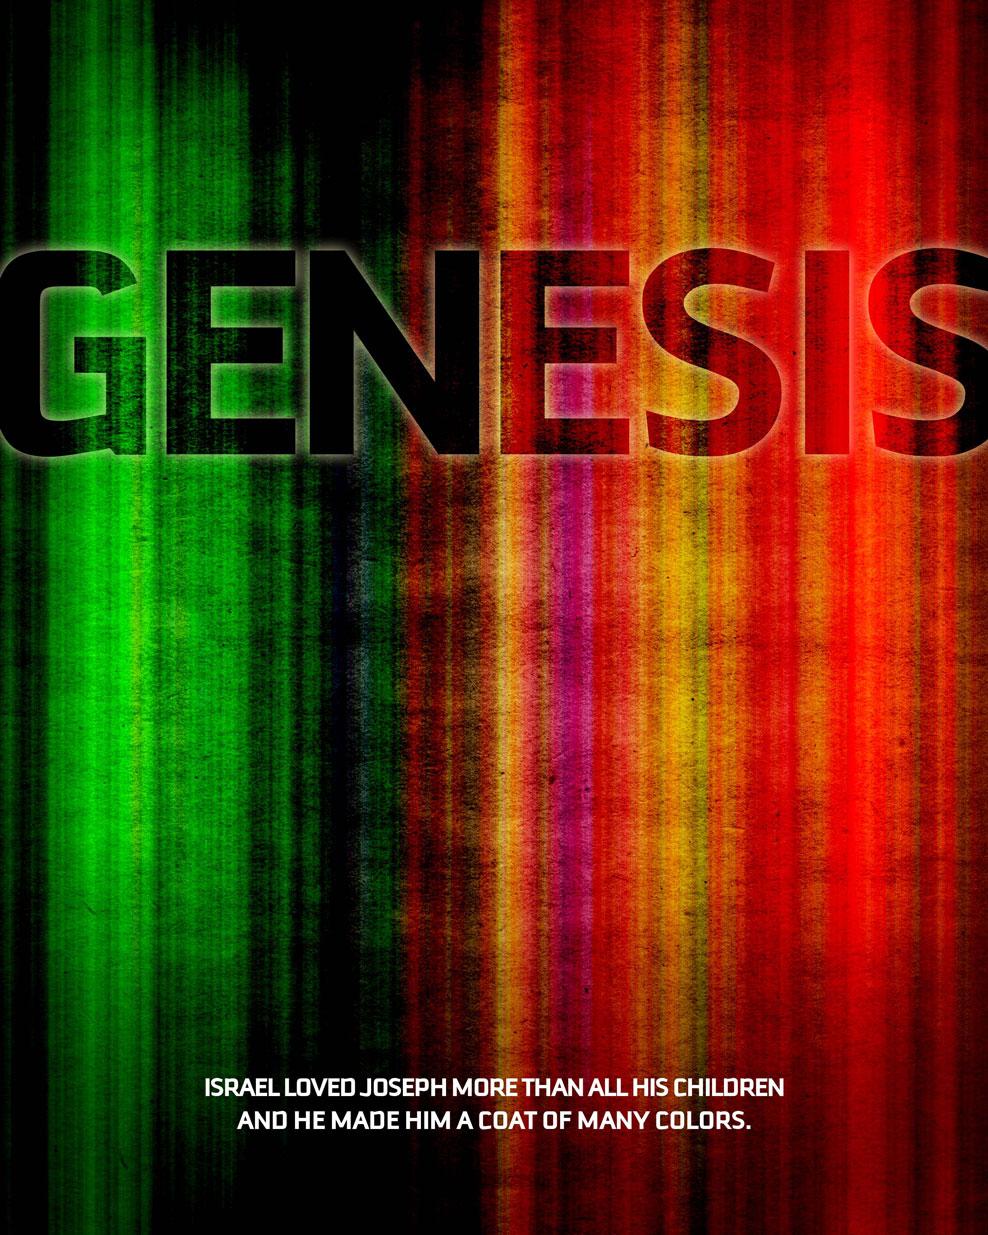 01-Genesis-02_Jim-LePage.jpg